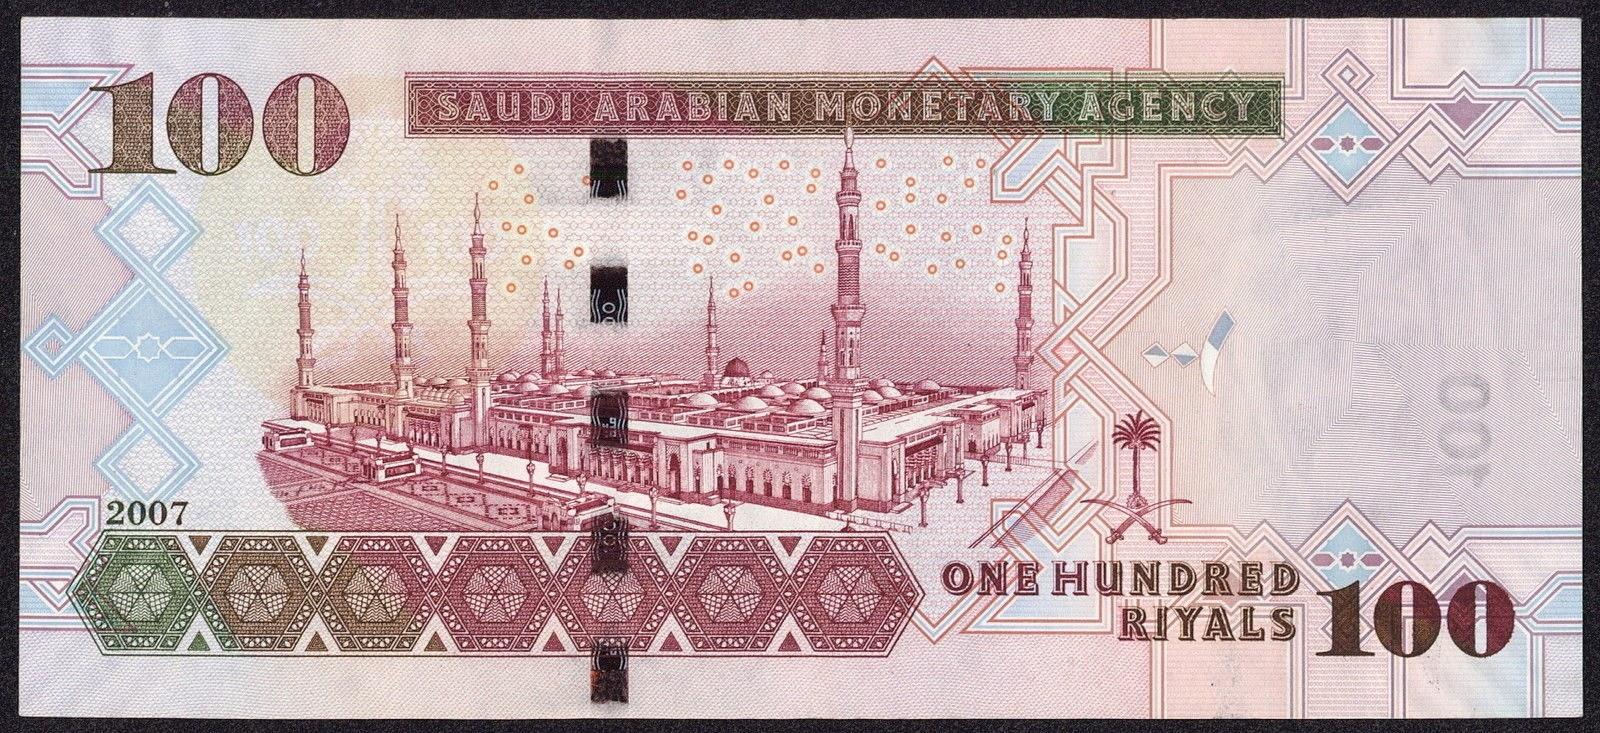 100 Saudi Riyals Note 2007|World Banknotes & Coins ... Saudi Money 100